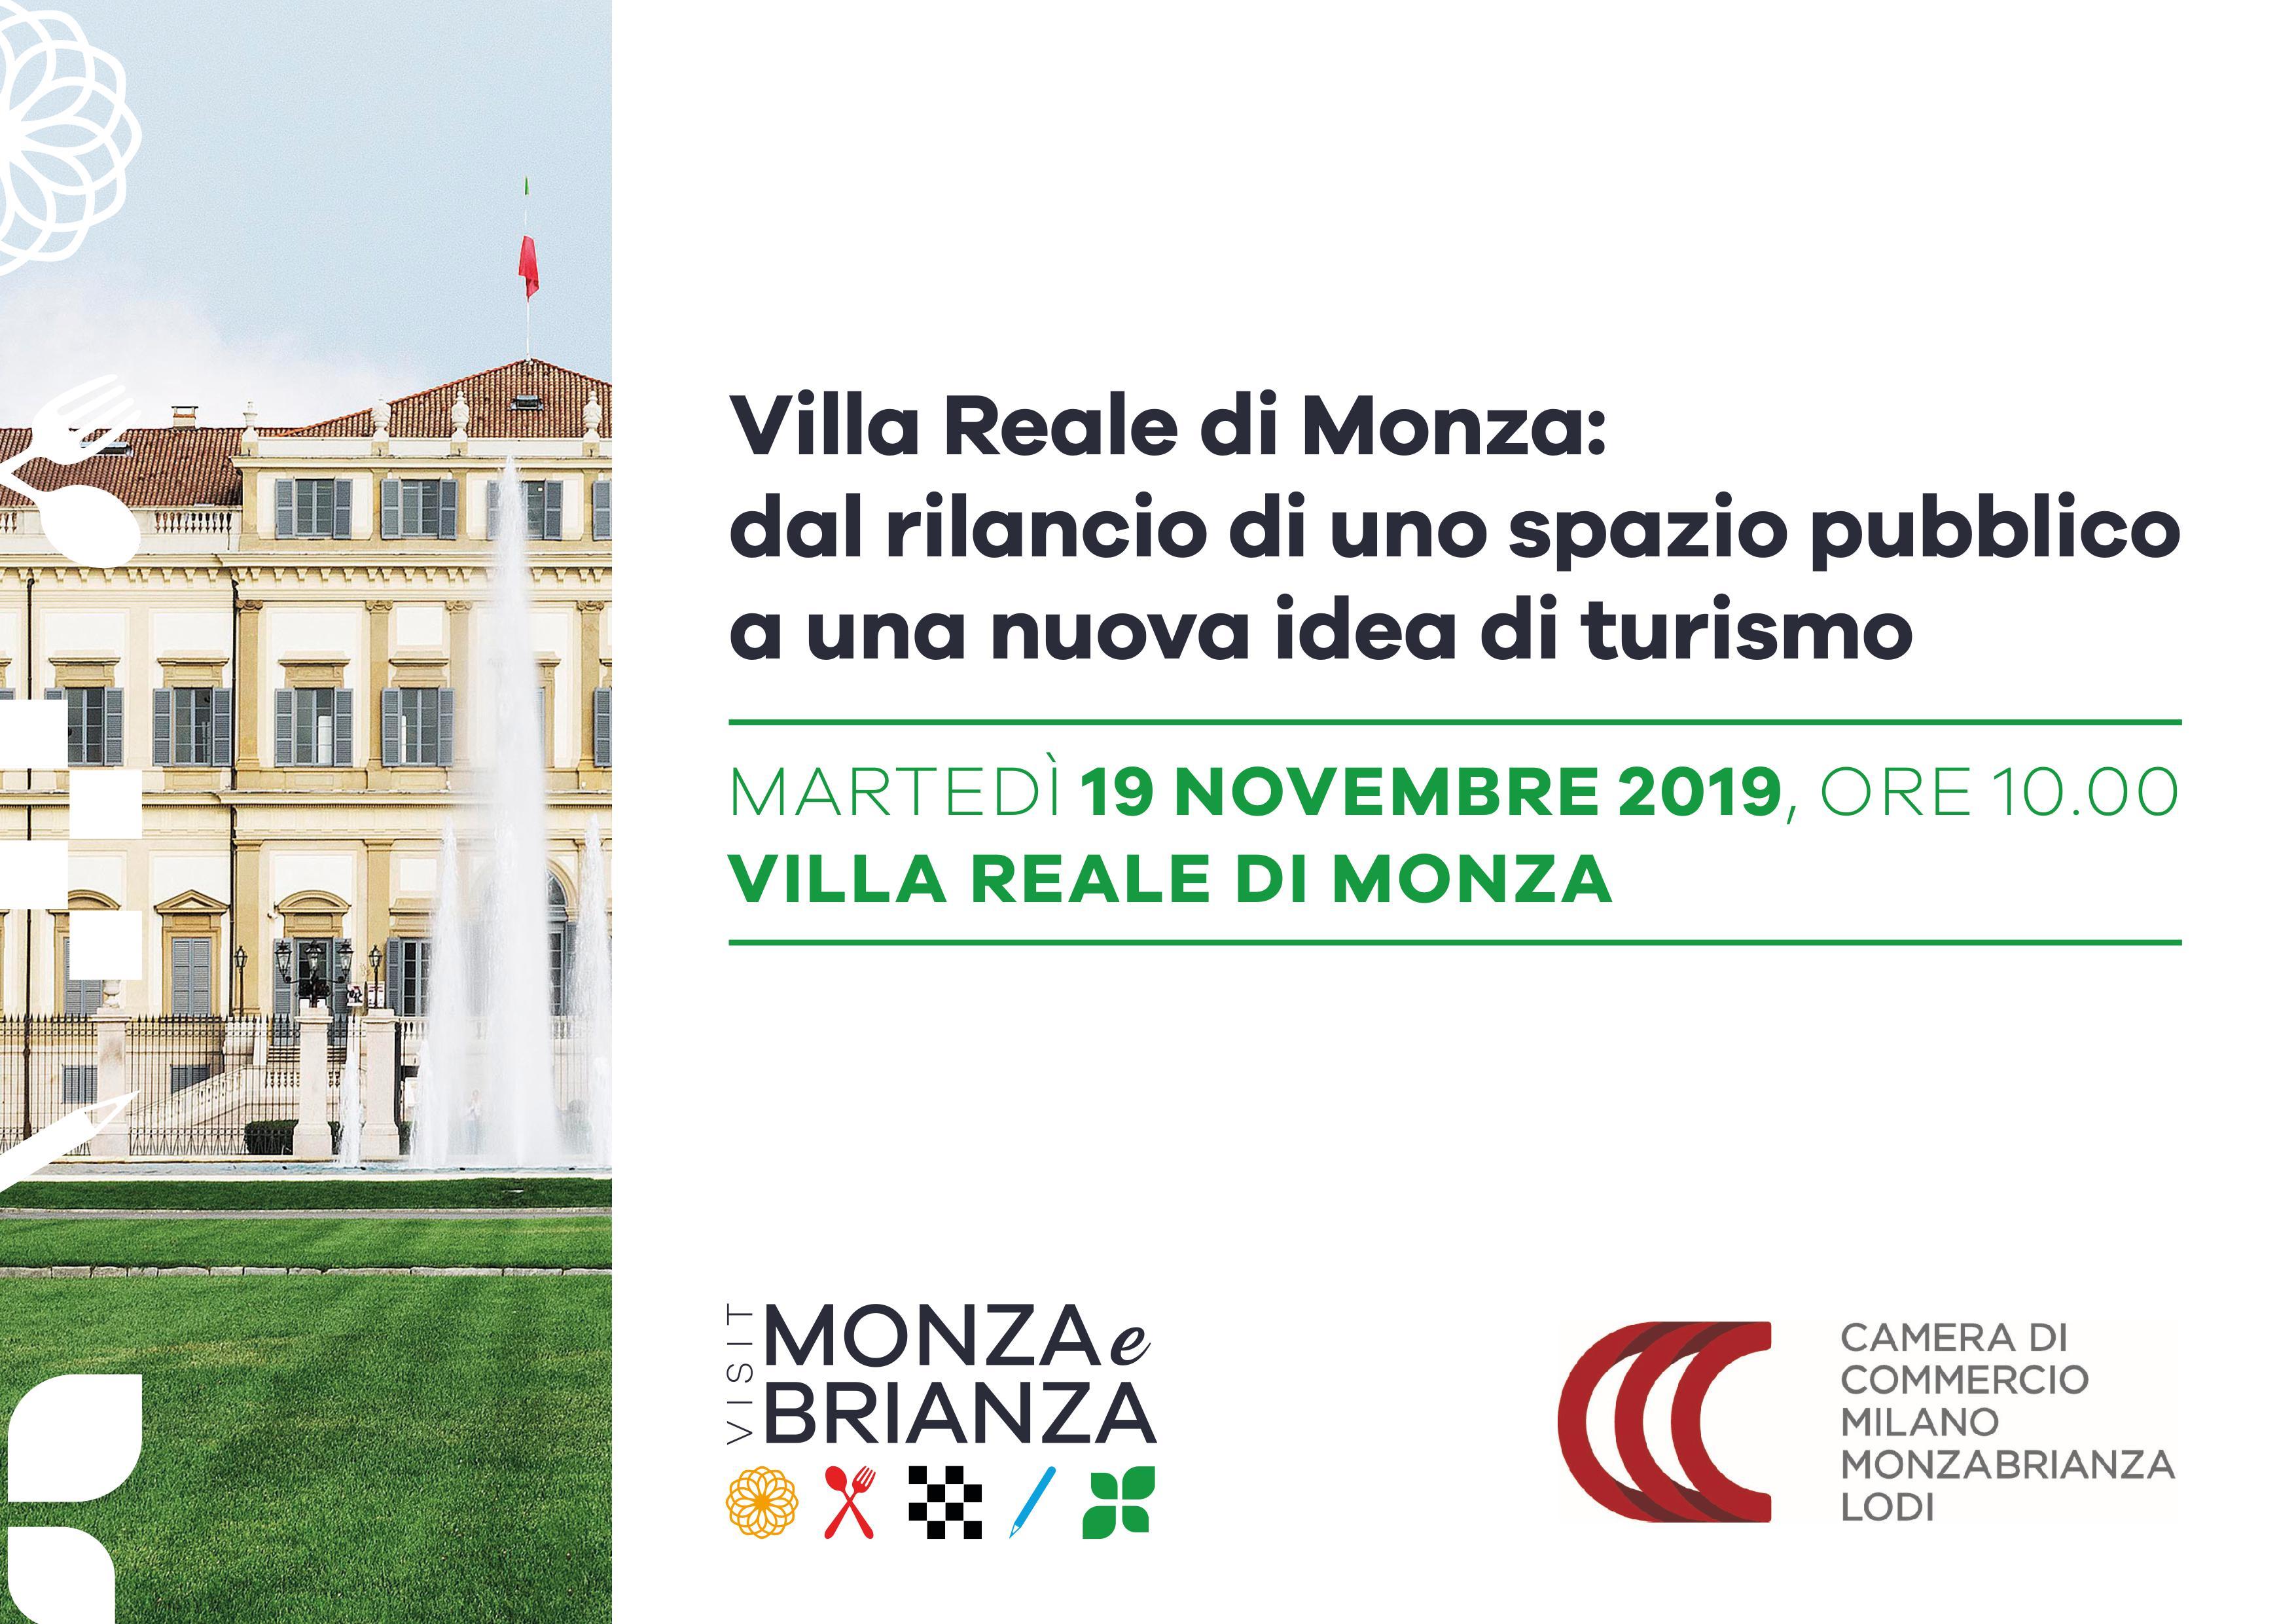 Villa Reale Monza - CamCom